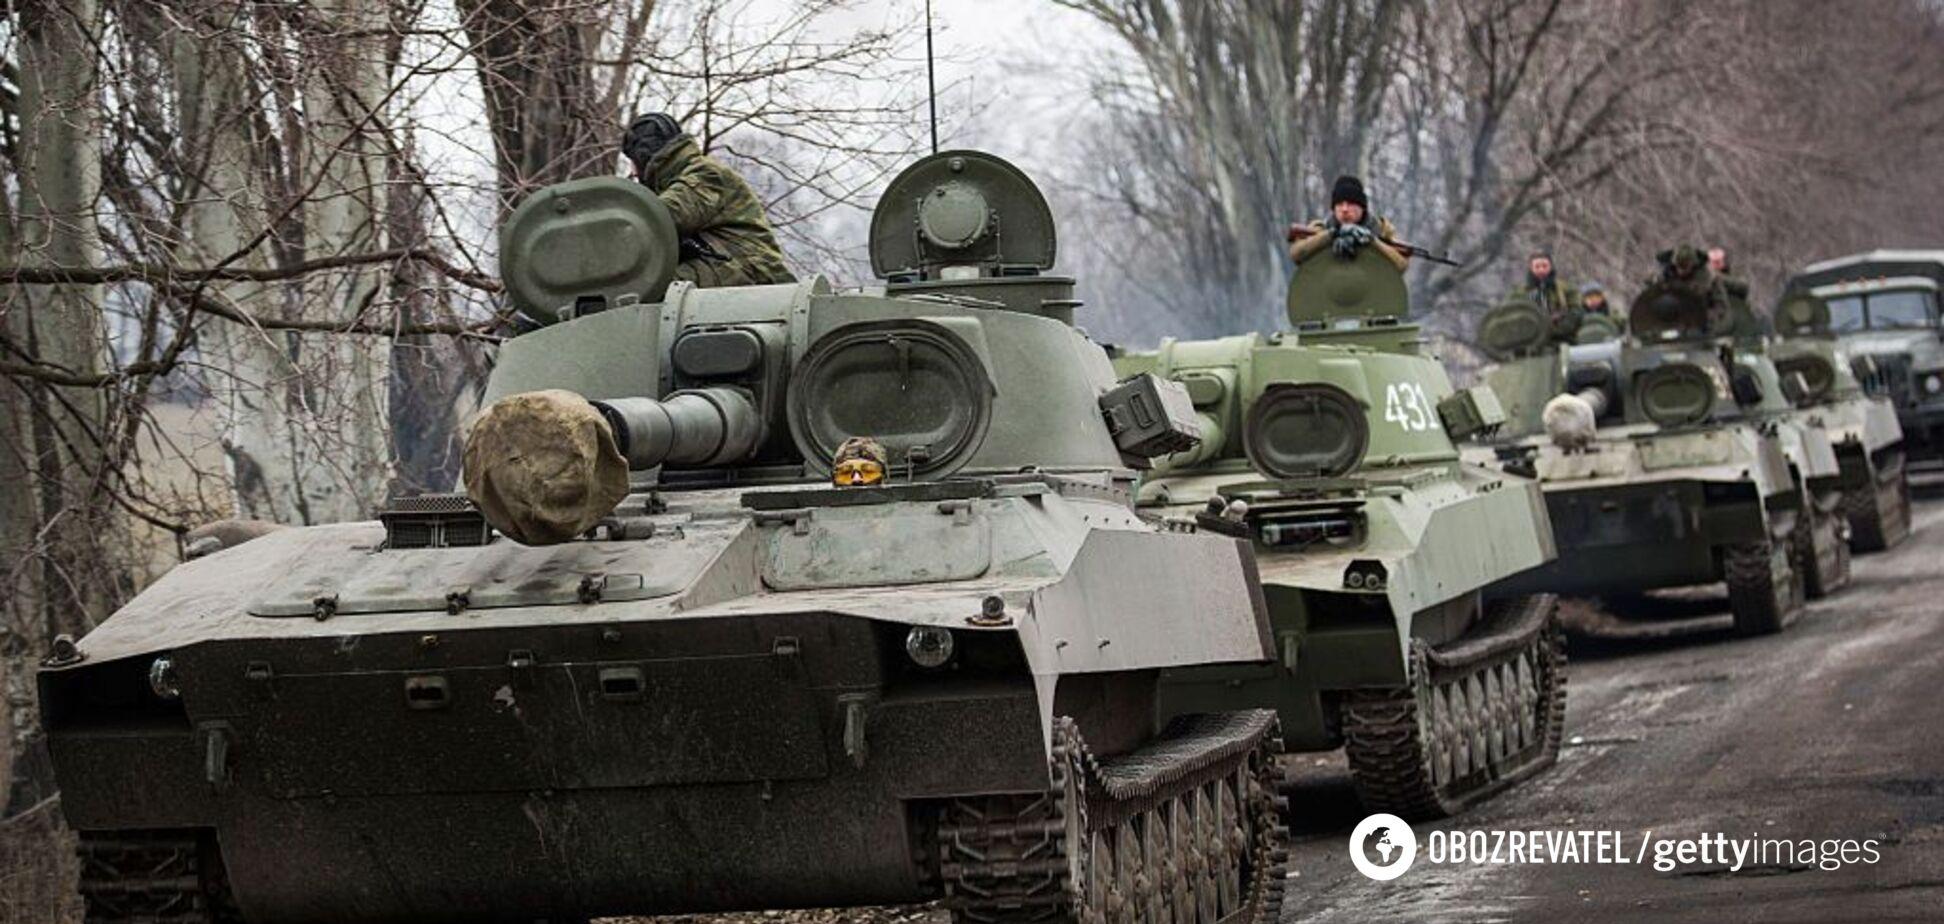 'Є потрапляння!' З'явилося відео, як ЗСУ знищують техніку 'Л/ДНР' на Донбасі